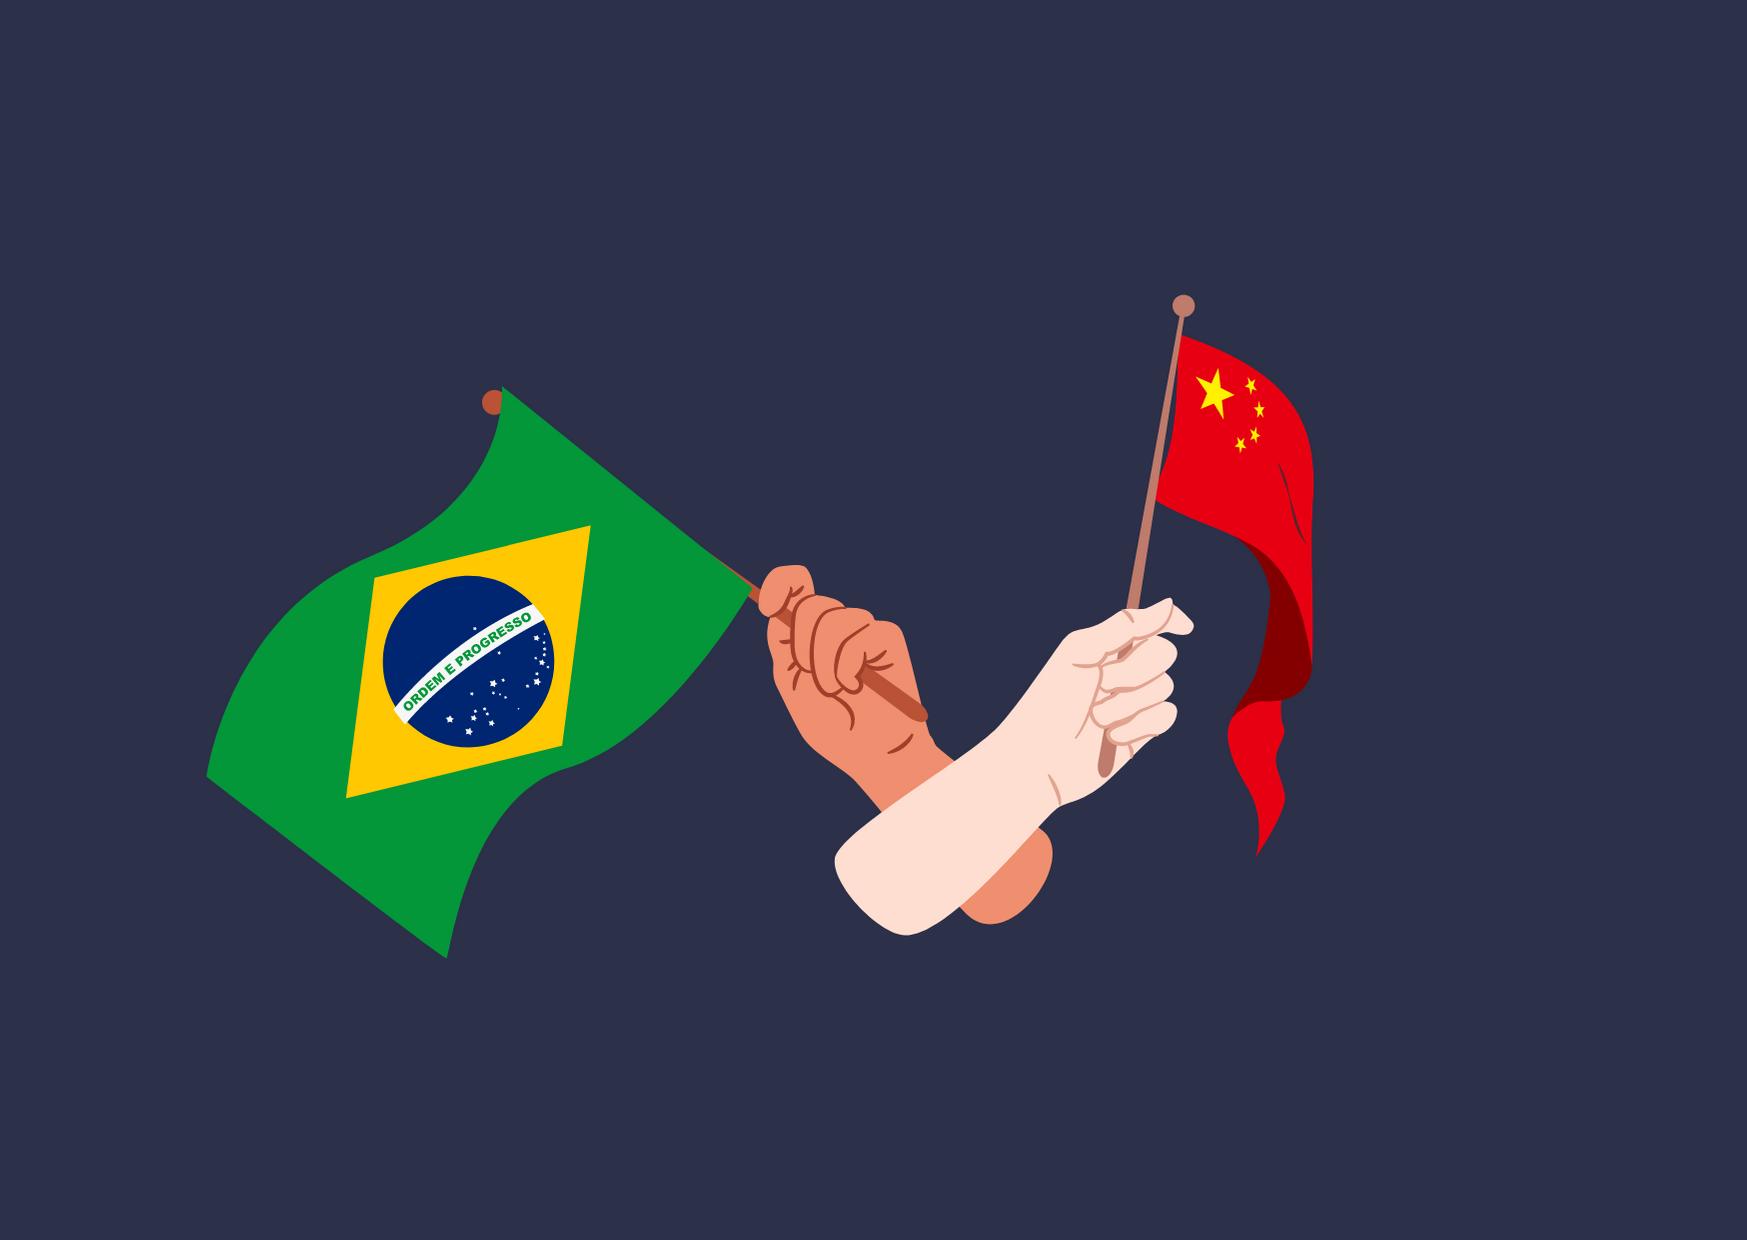 Réalisé par l'auteure de l'article original, le dessin représente deux avant-bras croisés, chaque main tenant un drapeau, celui du Brésil et celui de la Chine, le tout sur un fond bleu très foncé.